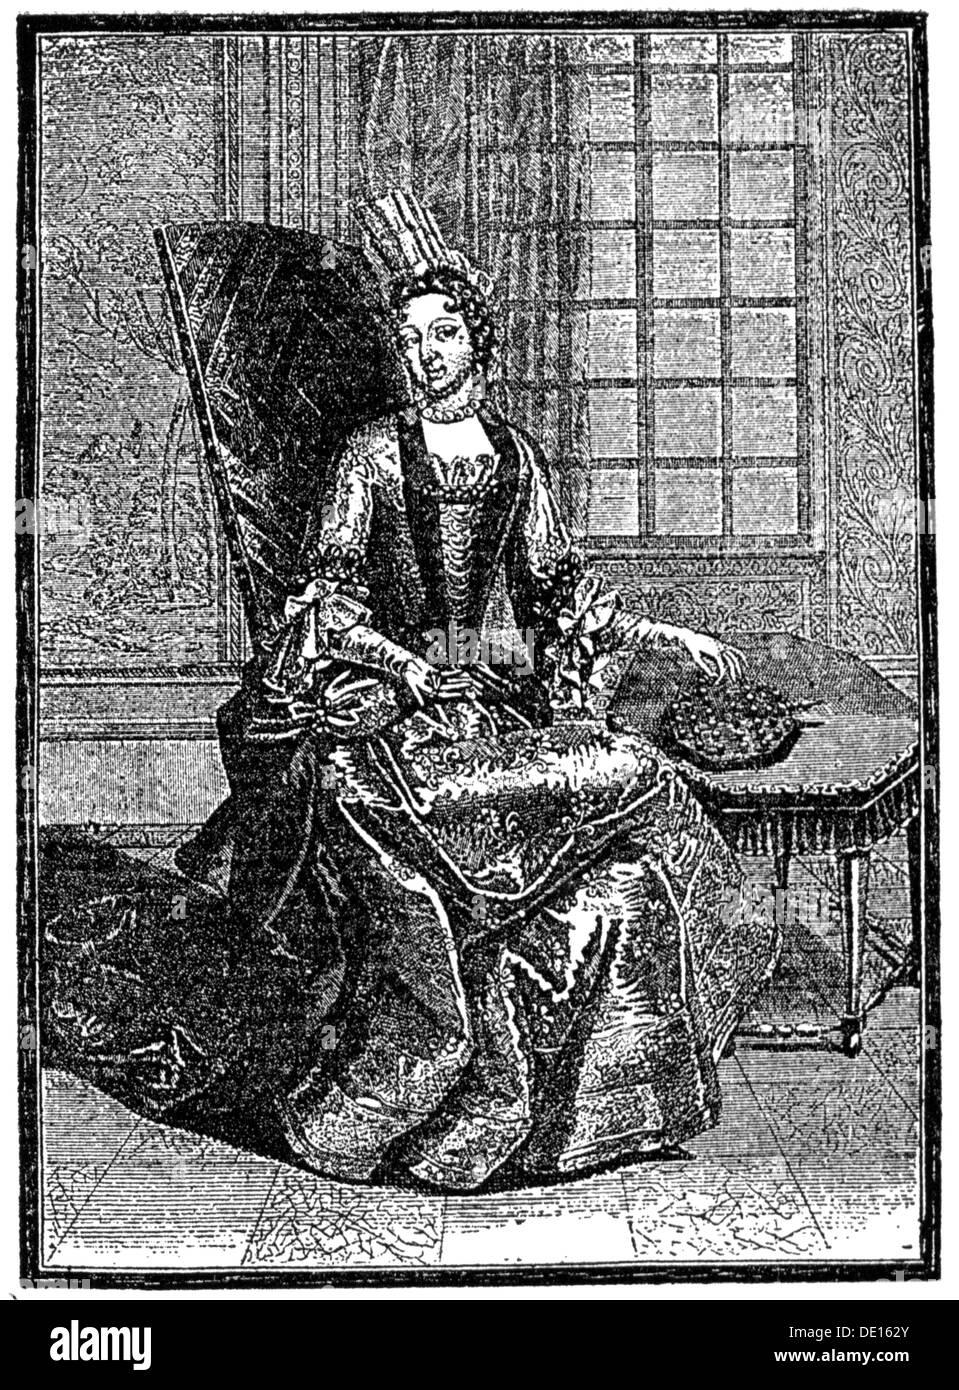 , Anne de Rohan-Chabot, 1648 - 4.2.1709, dame de compagnie, pleine longueur, jouer solitaire, gravure sur cuivre par Claude Auguste Berey (circa 1680 - circa 1730), 1697, l'artiste n'a pas d'auteur pour être effacé Photo Stock